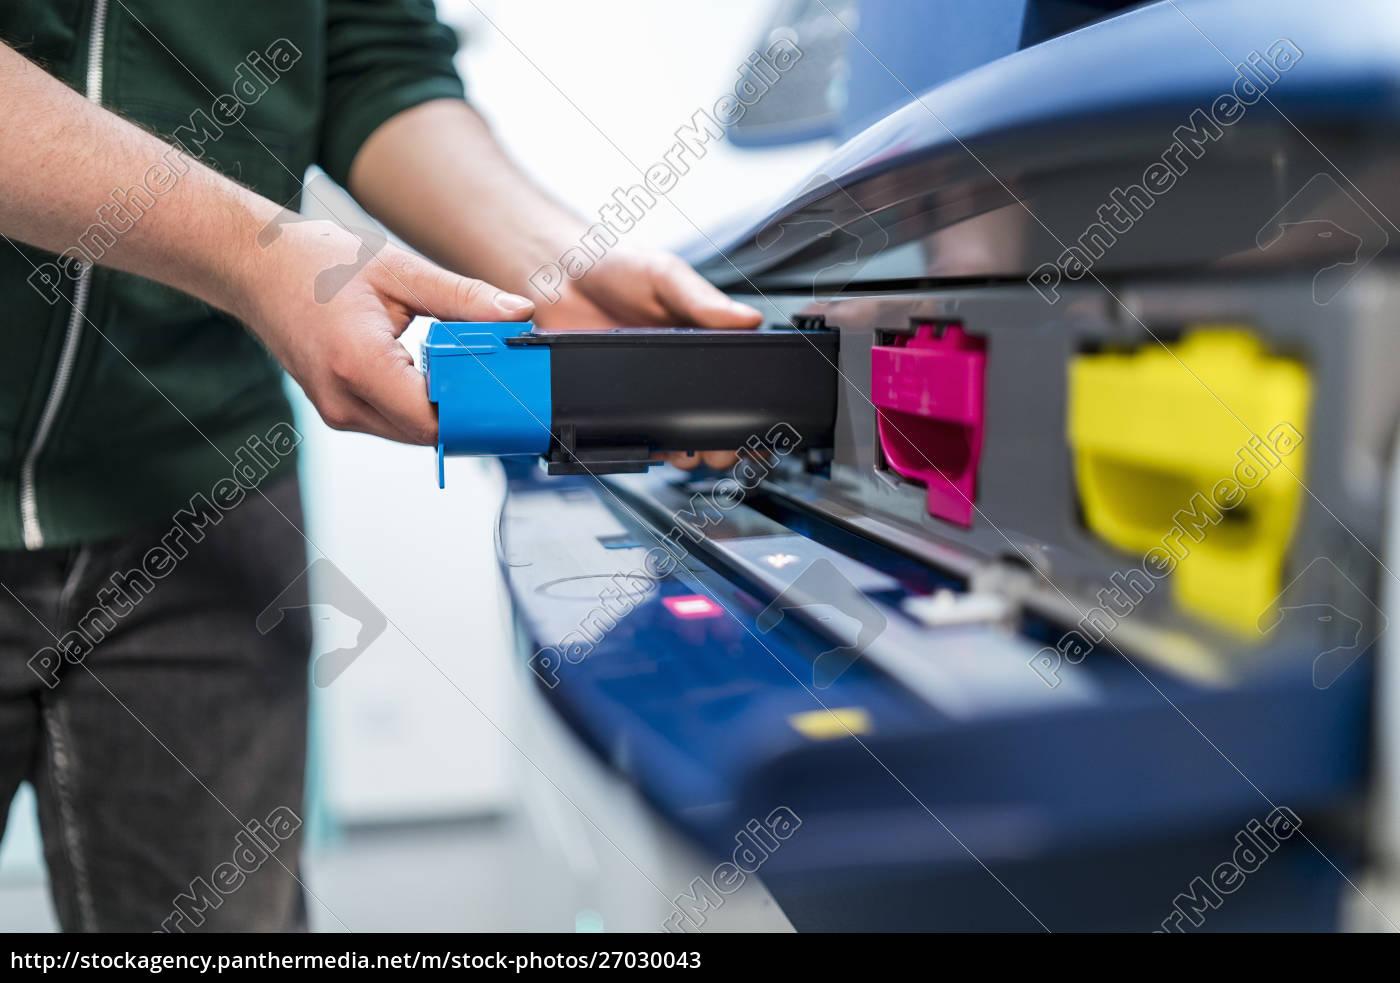 nahaufnahme, von, teenagern, die, an, farbdruckereinfügungspatrone, arbeiten - 27030043